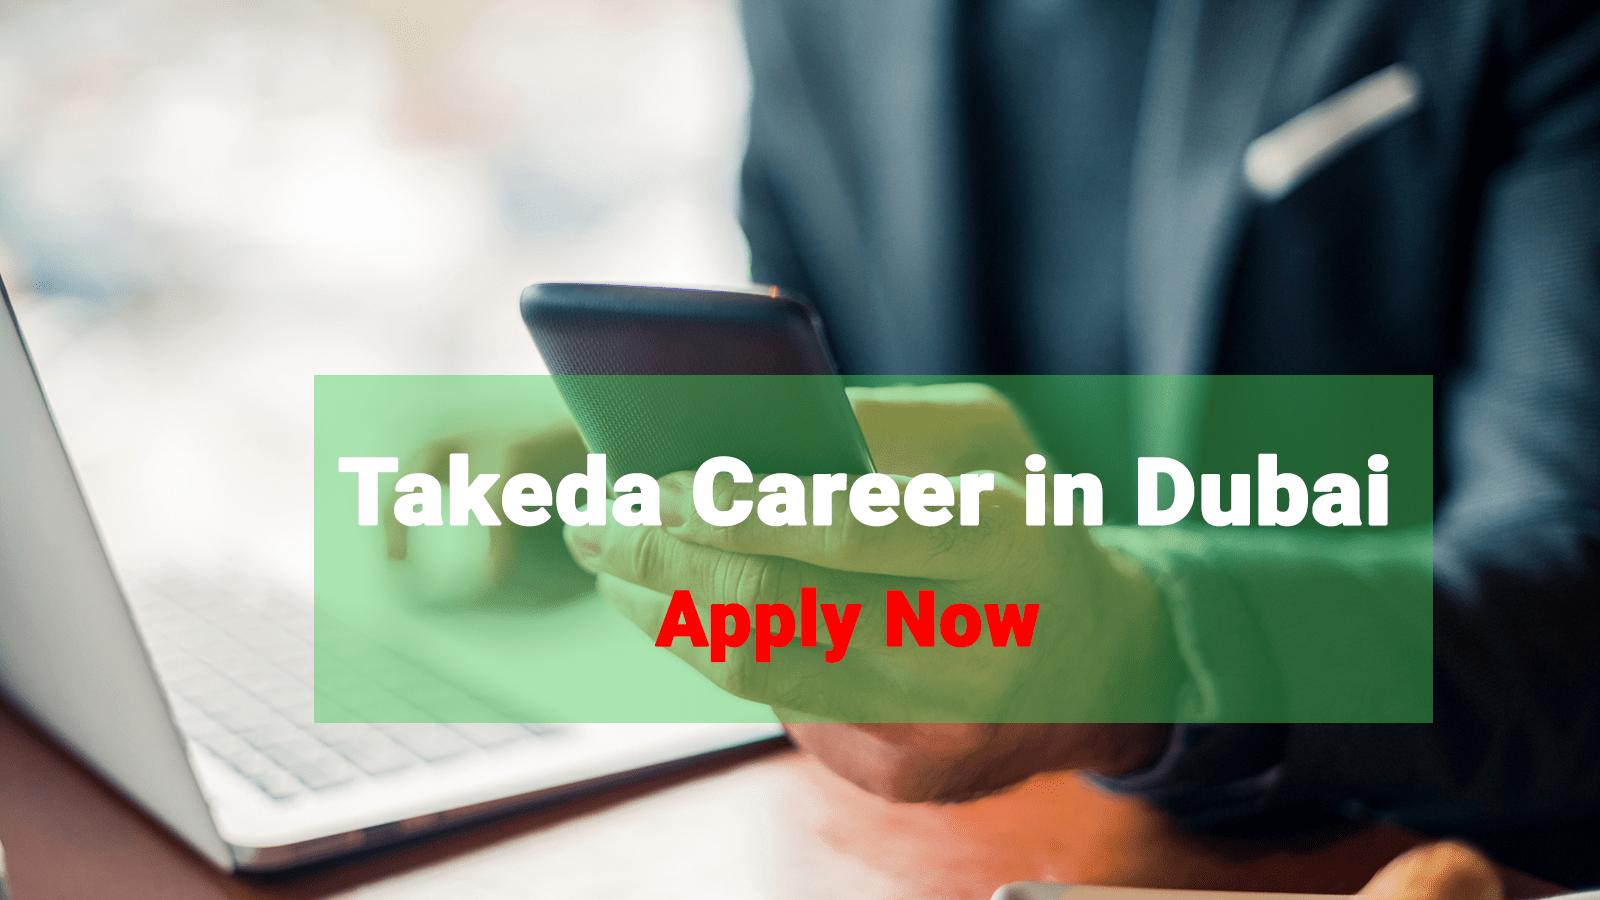 Takeda Career in Dubai 2021